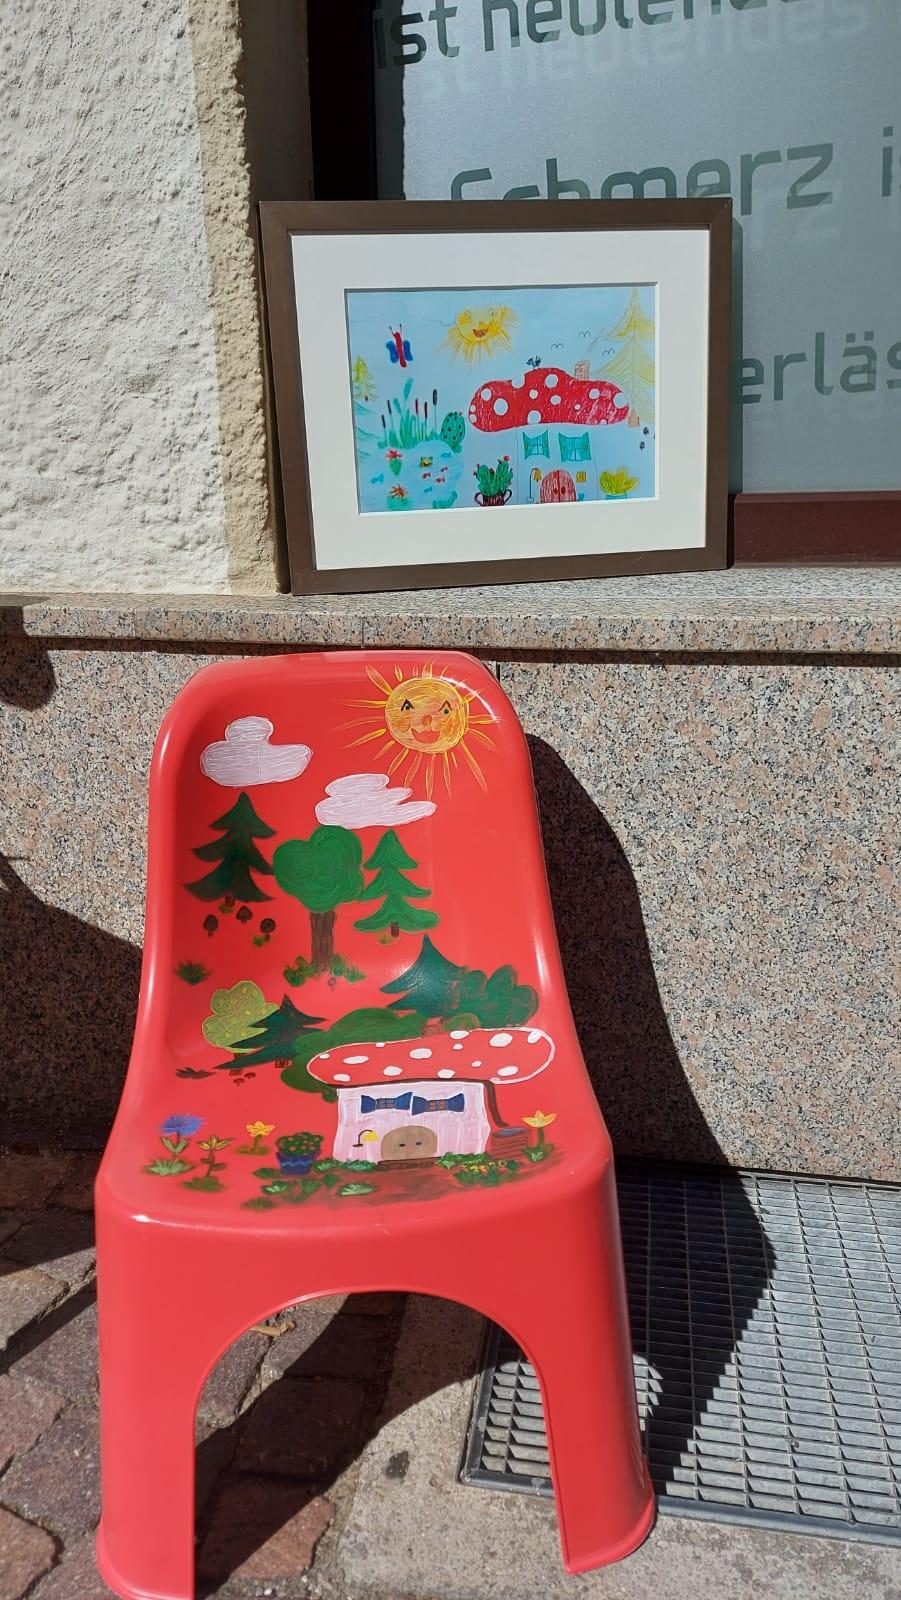 Hier die Werke von Claudia Neumüller. Der Stuhl blieb nicht lange unbesetzt.